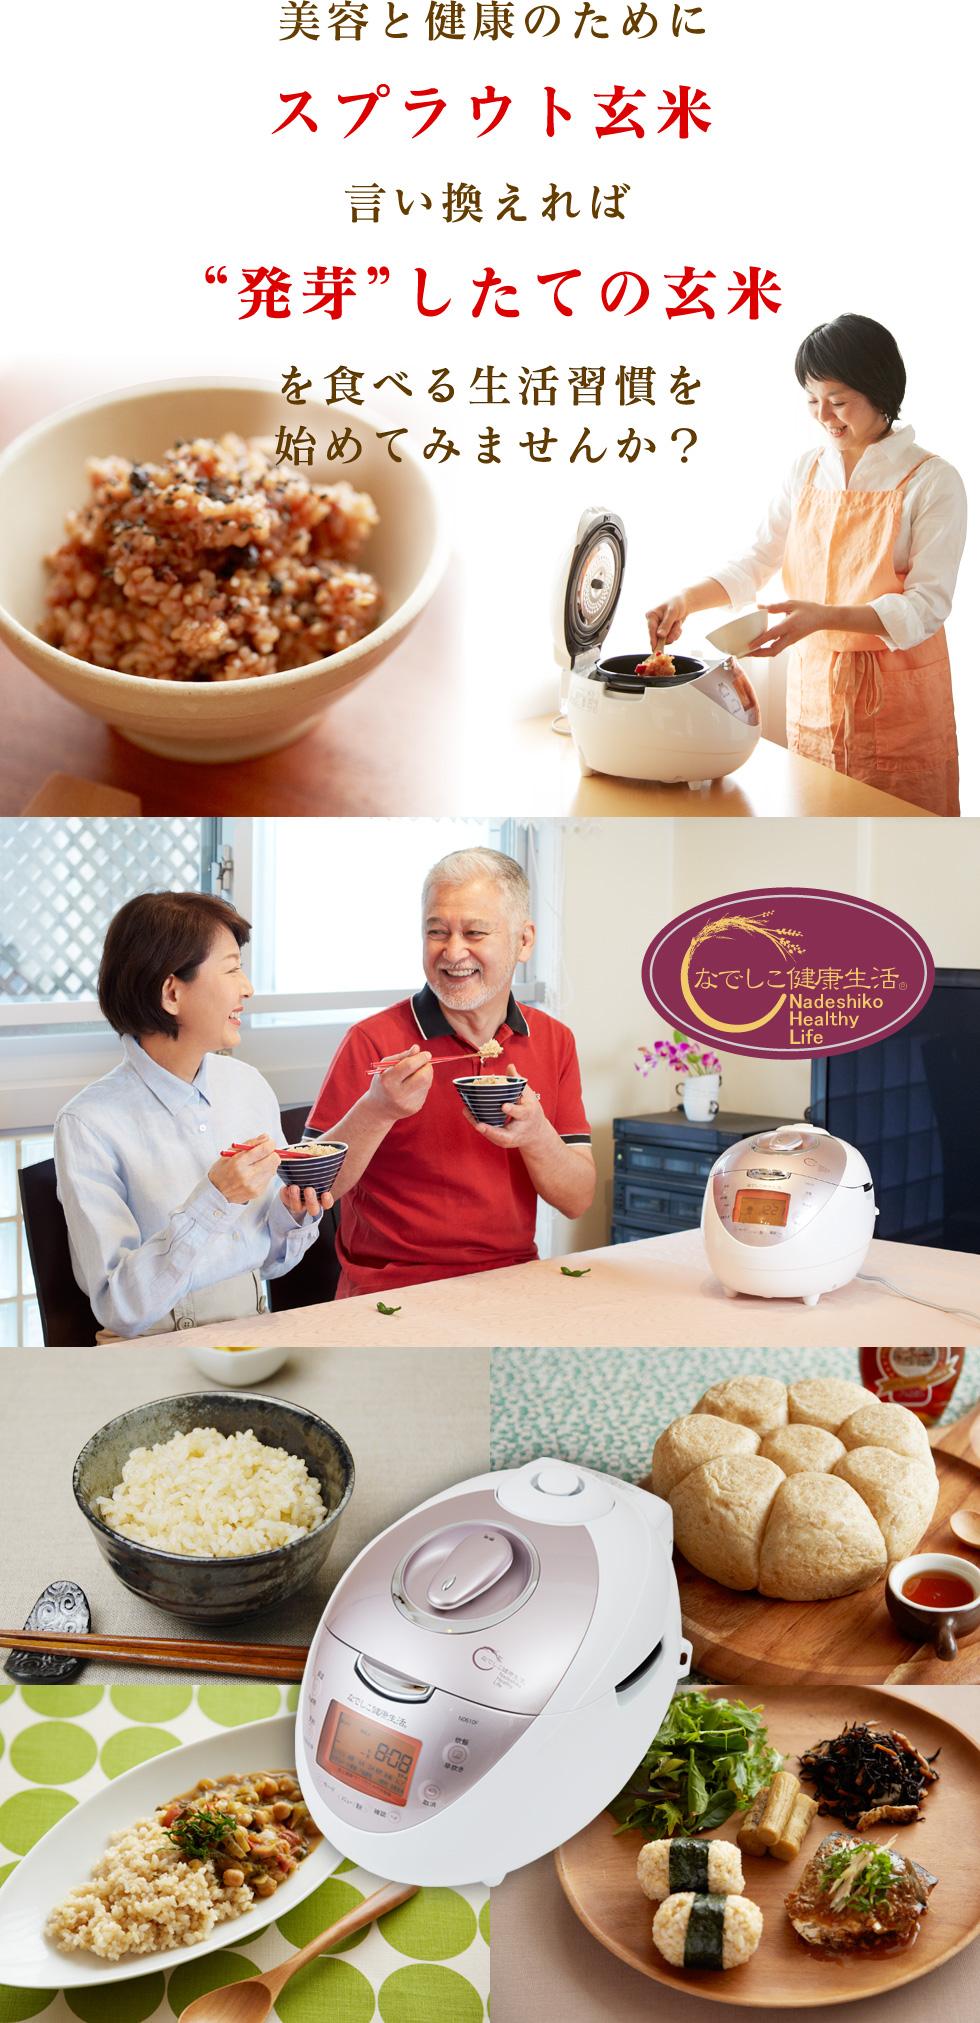 """美容と健康のために、スプラウト玄米、言い換えれば『 """"発芽""""したての玄米 』を食べる生活習慣を始めてみませんか?"""